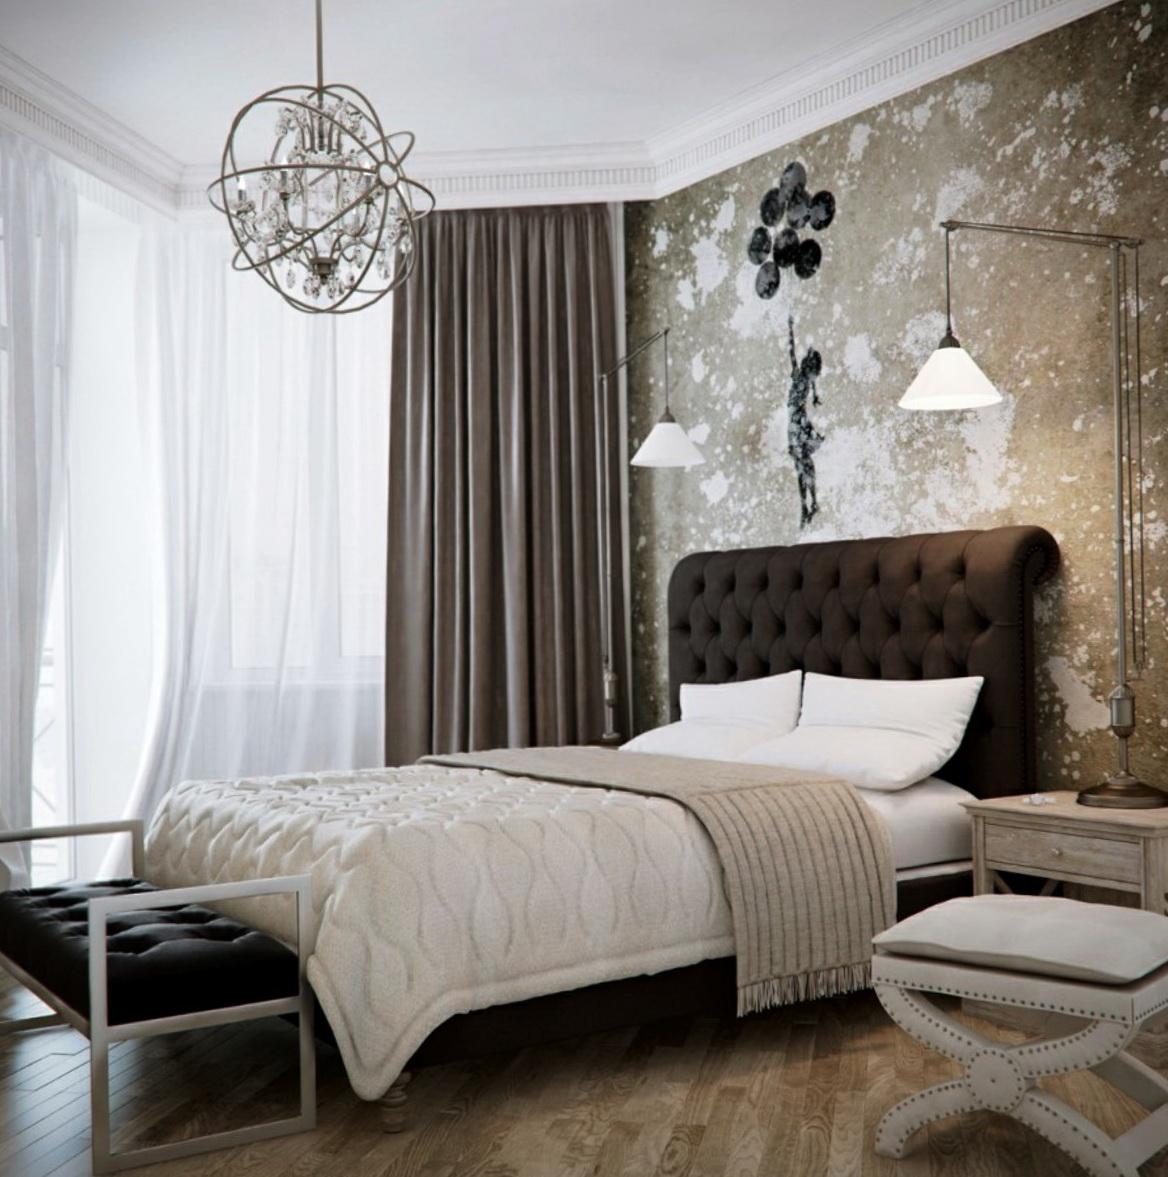 Wall Art Ideas For Bedroom Diy